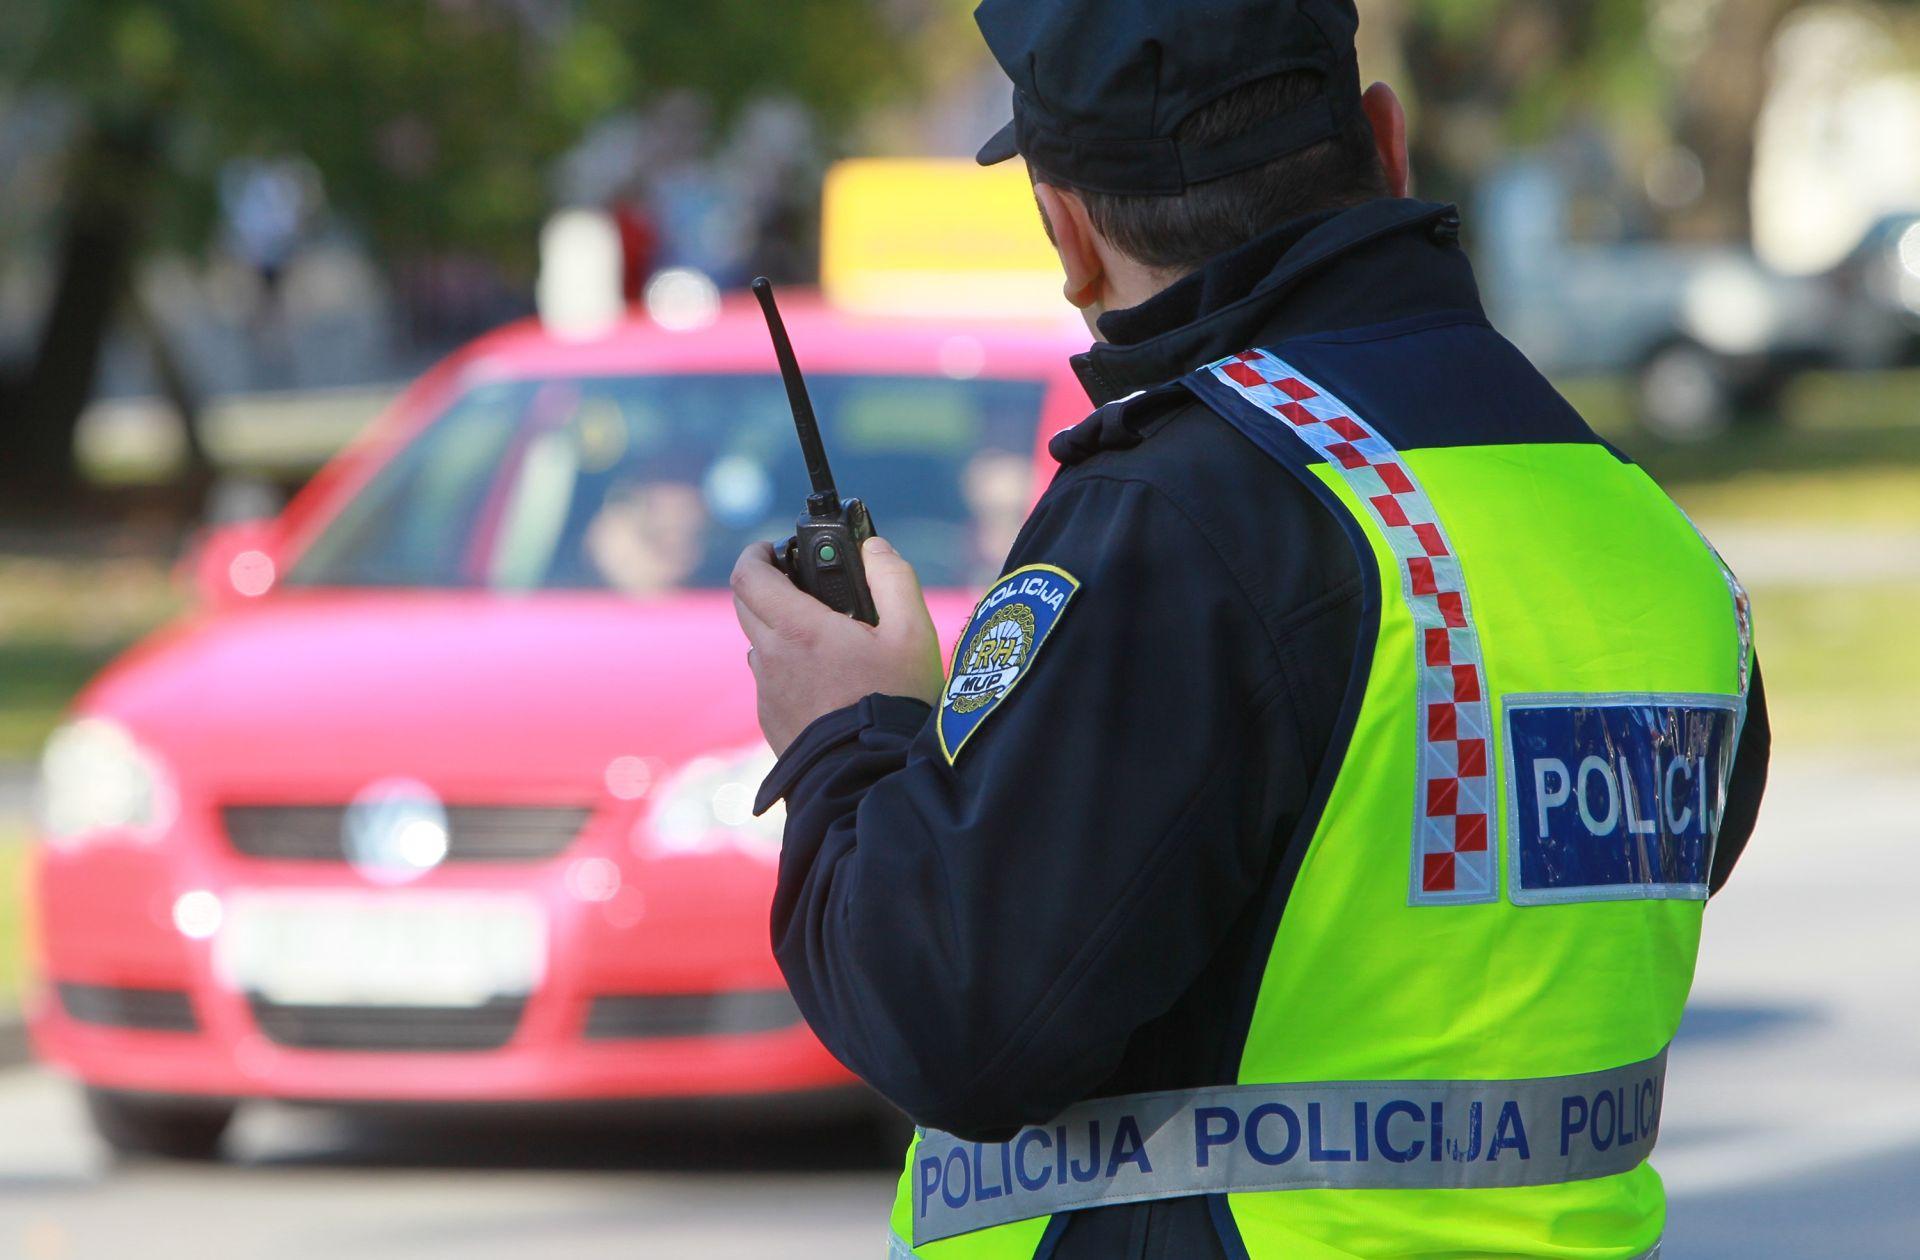 U SRIJEDU U ZAGREBU OČEKUJTE PROMETNI KAOS Sastanak Predsjednički proces Brdo-Brijuni 2015. zatvara ulice